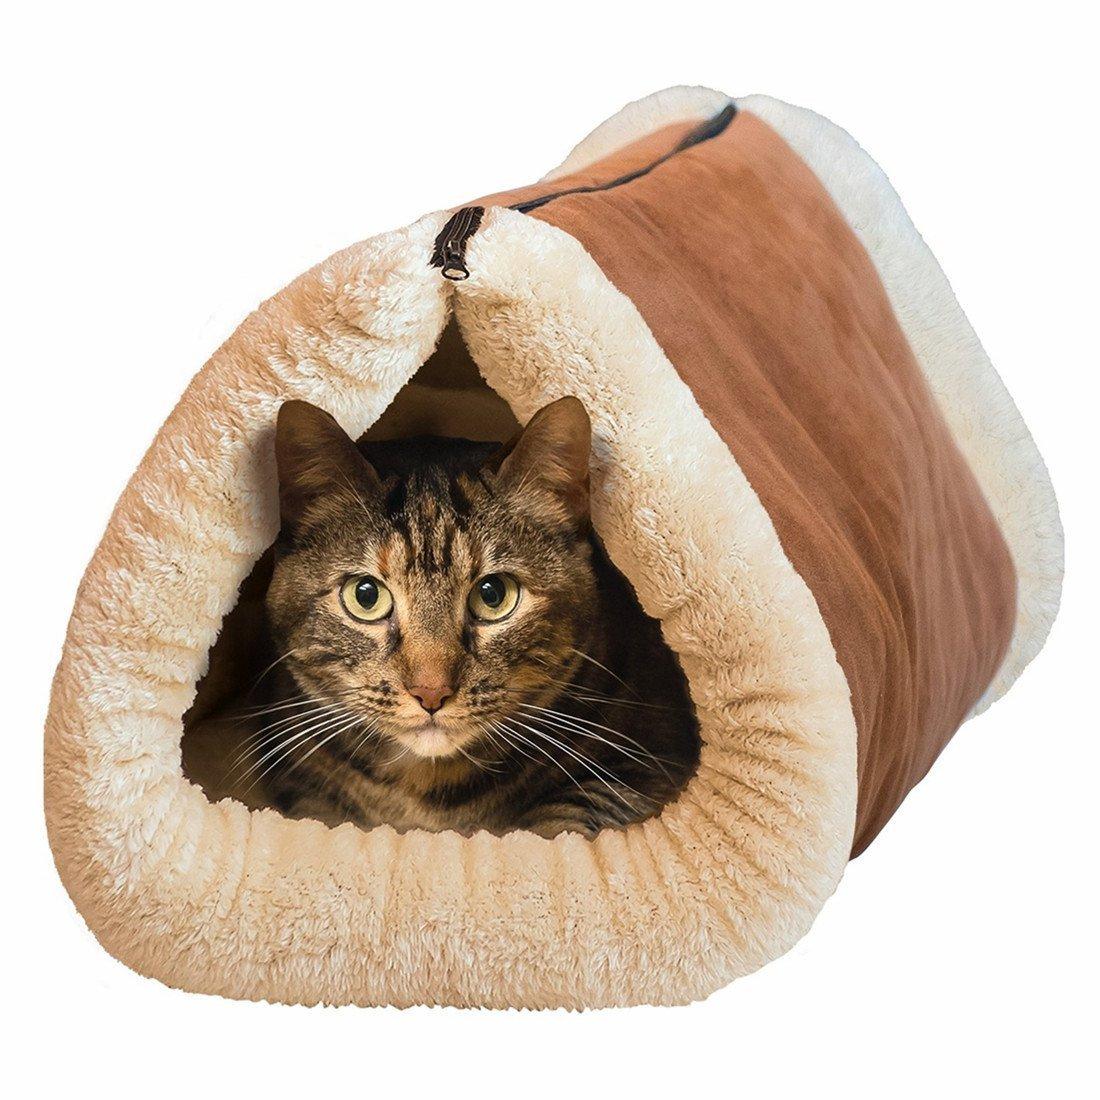 Maxcare Deluxe 2en 1Tube Tapis chat et lit, grand lit pour animal de compagnie avec auto-chauffant thermique Core Tapis et meubles fur-free chaud maison pour chat/chiot, en peluche pour animal Accessoires